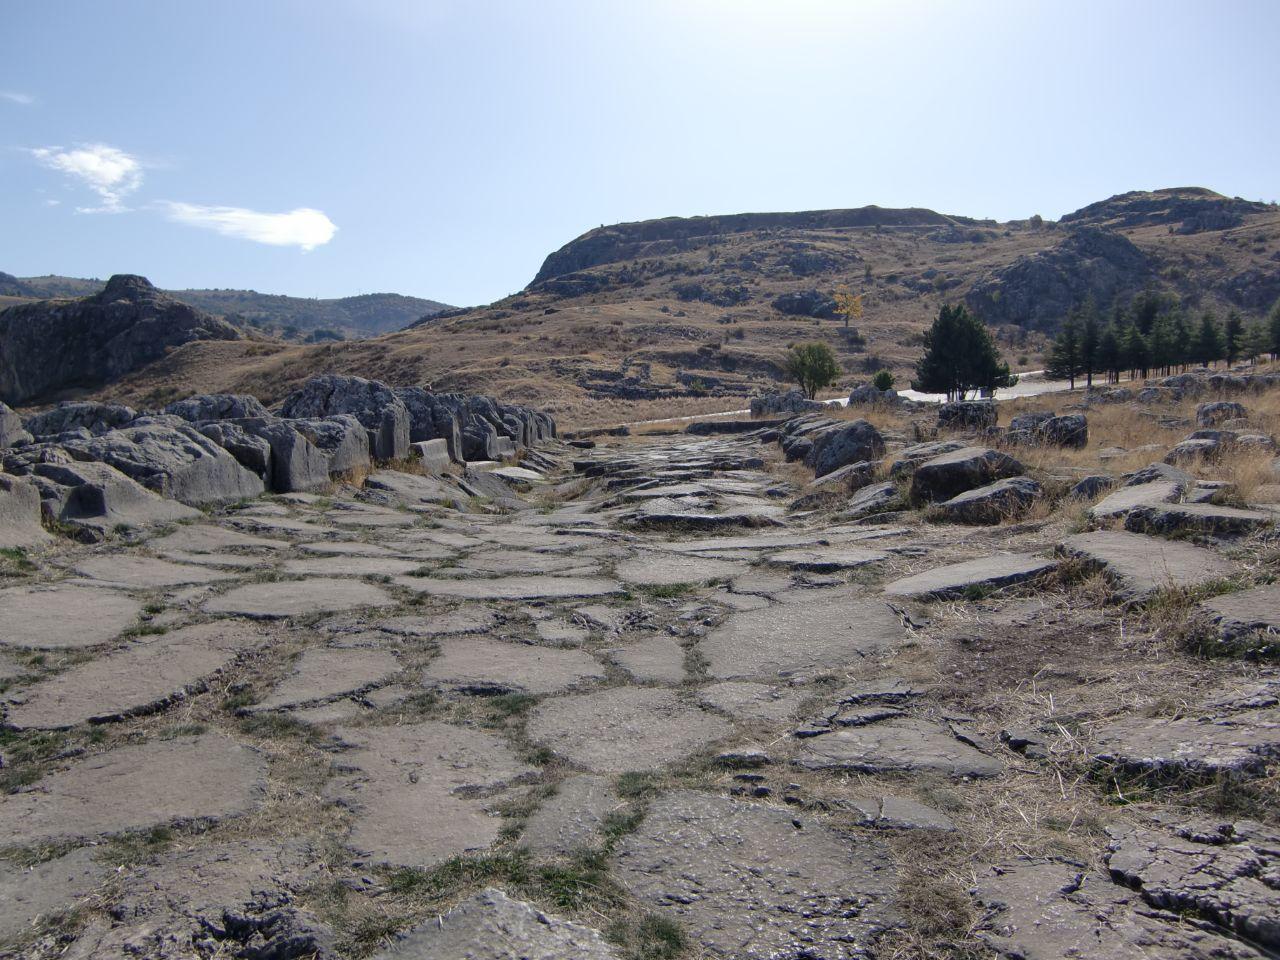 Rondreis Midden Turkije Hattusa weg door opgravingsgebied